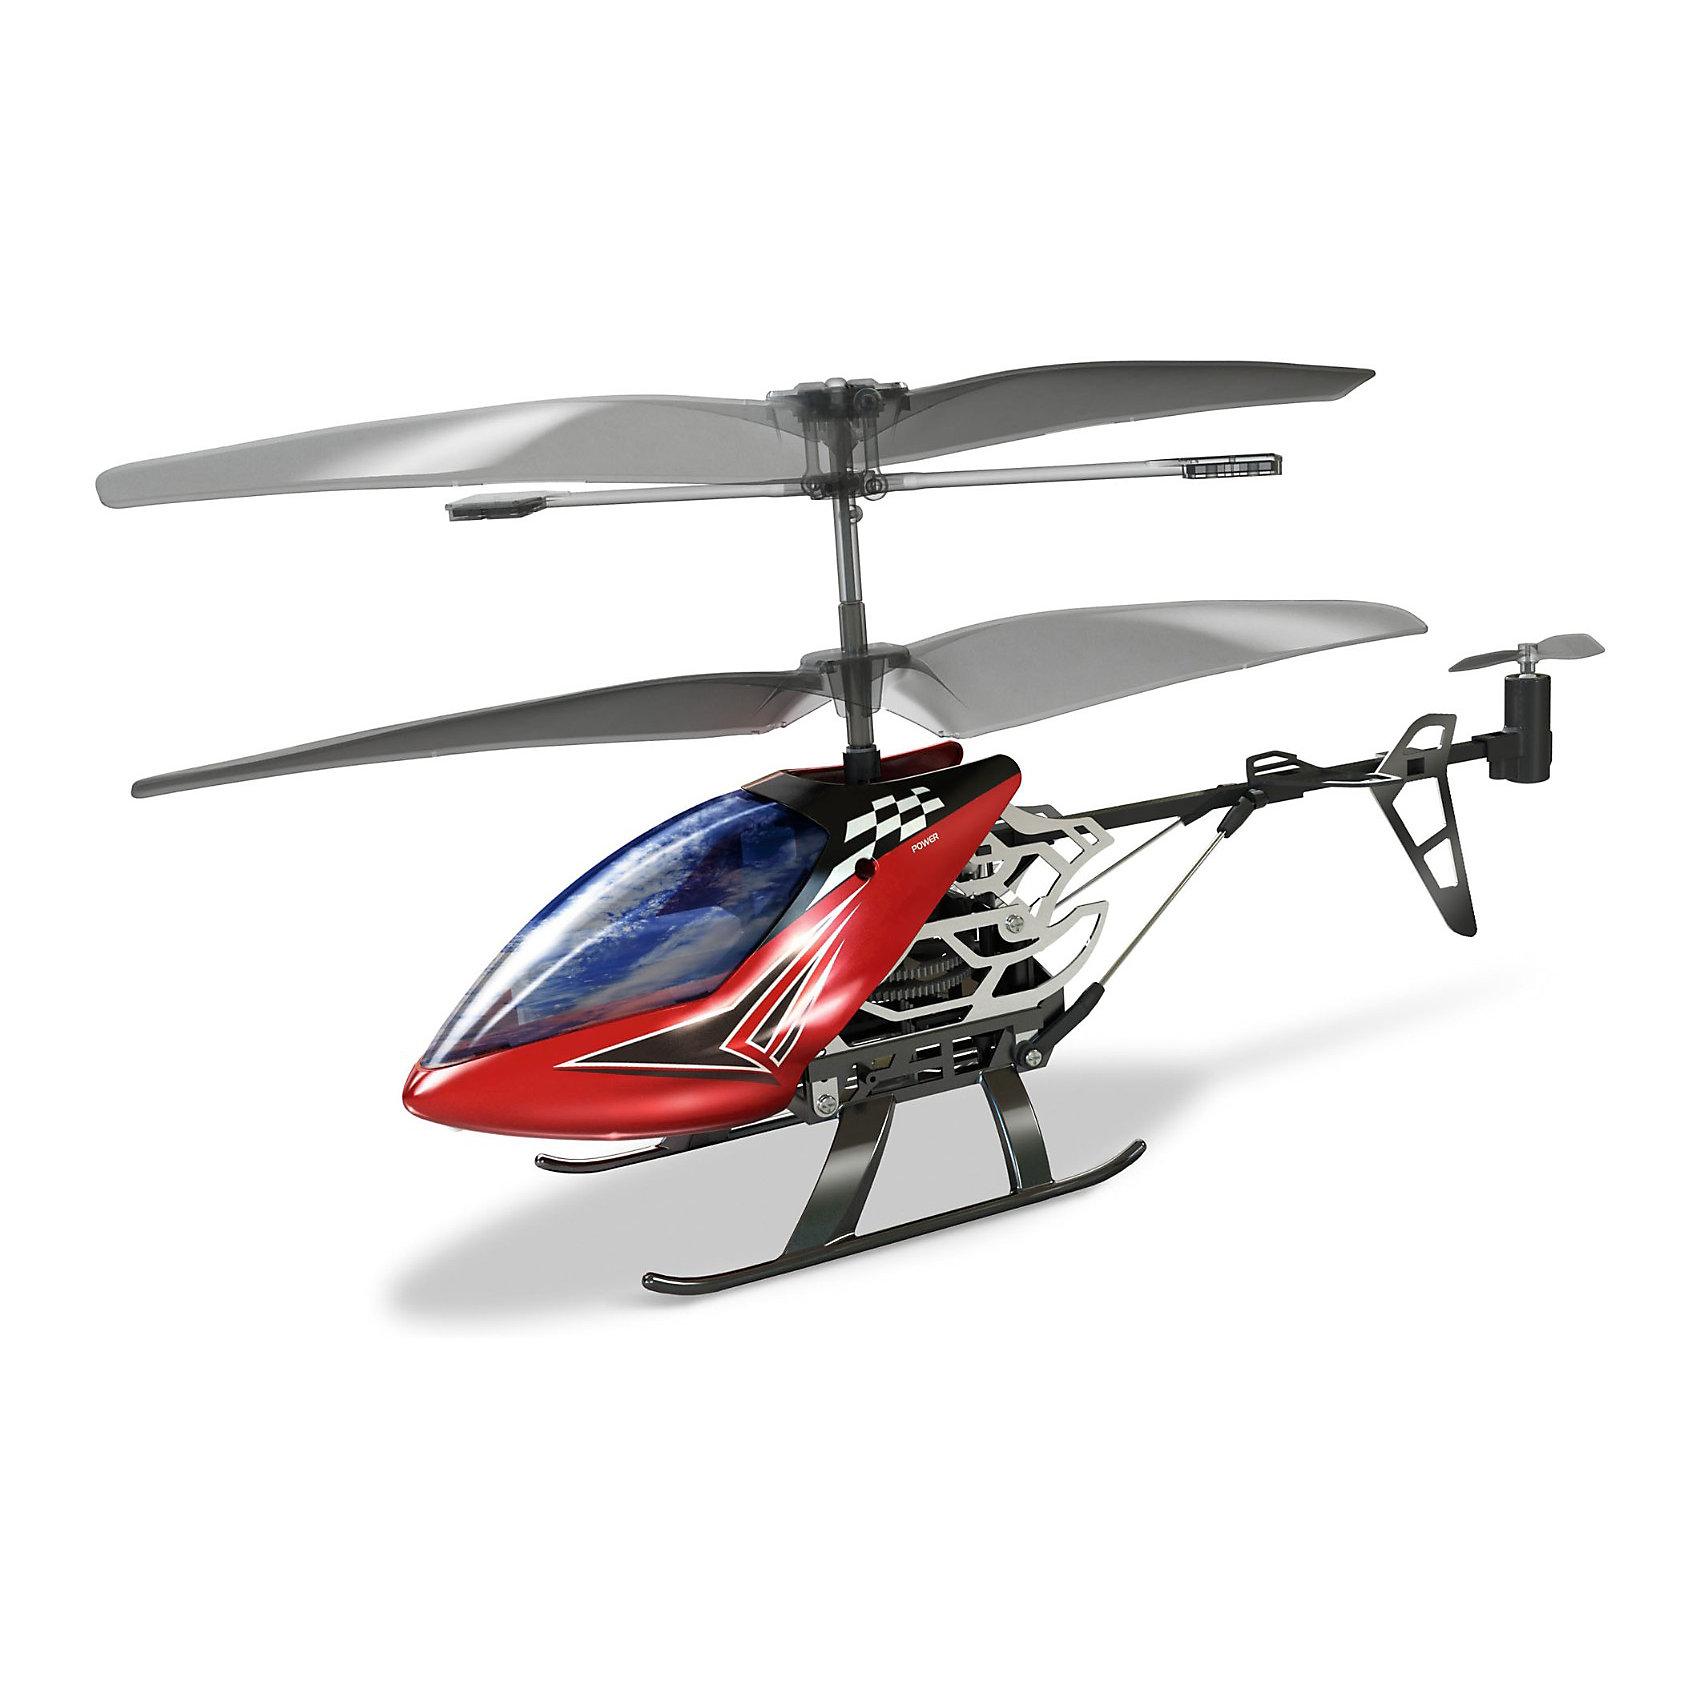 Вертолет Скай Драгон на р/у в ассортименте, SilverlitВертолет Скай Драгон на радиоуправлении от Silverlit (Сильверлит) не оставит равнодушным Вашего ребенка. С игрушкой можно играть и на улице в безветренную погоду, и в закрытом помещении.<br><br>Вертолет оснащен гироскопом и уникальной системой винта для стабильного подъема. Игрушка управляется с помощью пульта дистанционного управления, имеются  две запрограммированные функции полета: вращение вокруг своей оси и колебания носовой части вертолета (эффект движения волнами), вертолет способен делать сальто на 180 градусов в полете, предусмотрен контроль скорости. Трехканальное управление позволяет приводить в движение одновременно 3 вертолета. Вертолет оснащен светодиодными огнями и может запускаться в темное время суток.<br><br>Продолжительность полета около 5-10 минут, радиус действия пульта - 10 м. Вертолет можно подзаряжать с помощью кабеля USB, время зарядки - 20-30 мин.<br><br>Дополнительная информация:<br><br>- В комплекте: вертолет, блок ДУ, инструкция. <br>- Материал: вспененный полипропилен.<br>- Требуются батарейки: 6 x AA / LR6 (в комплект не входят).<br>- Длина вертолета: 19 см.<br>- Продолжительность полета около 5-10 минут<br>- Радиус действия пульта - 10 м. <br>- Вертолет можно подзаряжать с помощью кабеля USB, время зарядки - 20-30 мин.<br>- Размер упаковки: 30 х 29 х 9 см.<br>- Вес вертолета: 44 гр. <br><br>Вертолет Скай Драгон на радиоуправлении, Silverlit можно купить в нашем интернет-магазине.<br><br>Ширина мм: 89<br>Глубина мм: 330<br>Высота мм: 299<br>Вес г: 670<br>Возраст от месяцев: 120<br>Возраст до месяцев: 1188<br>Пол: Мужской<br>Возраст: Детский<br>SKU: 3668330